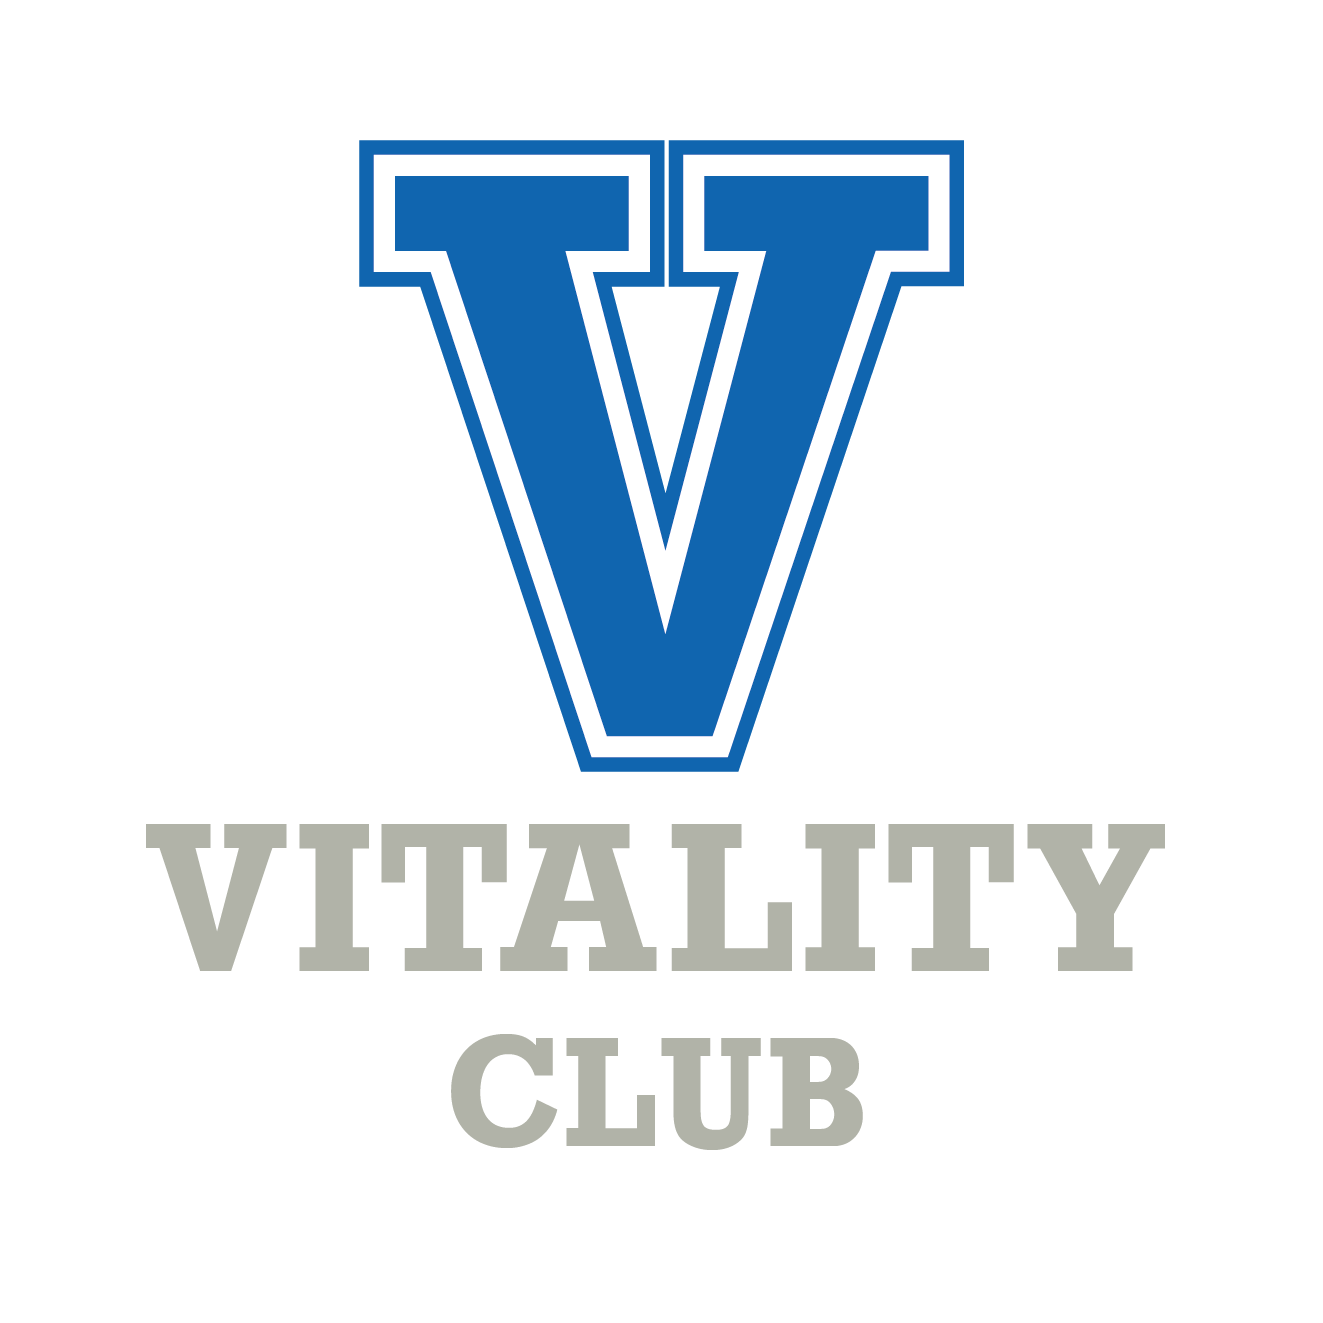 407/LogoVitalityClubs-01-01.png